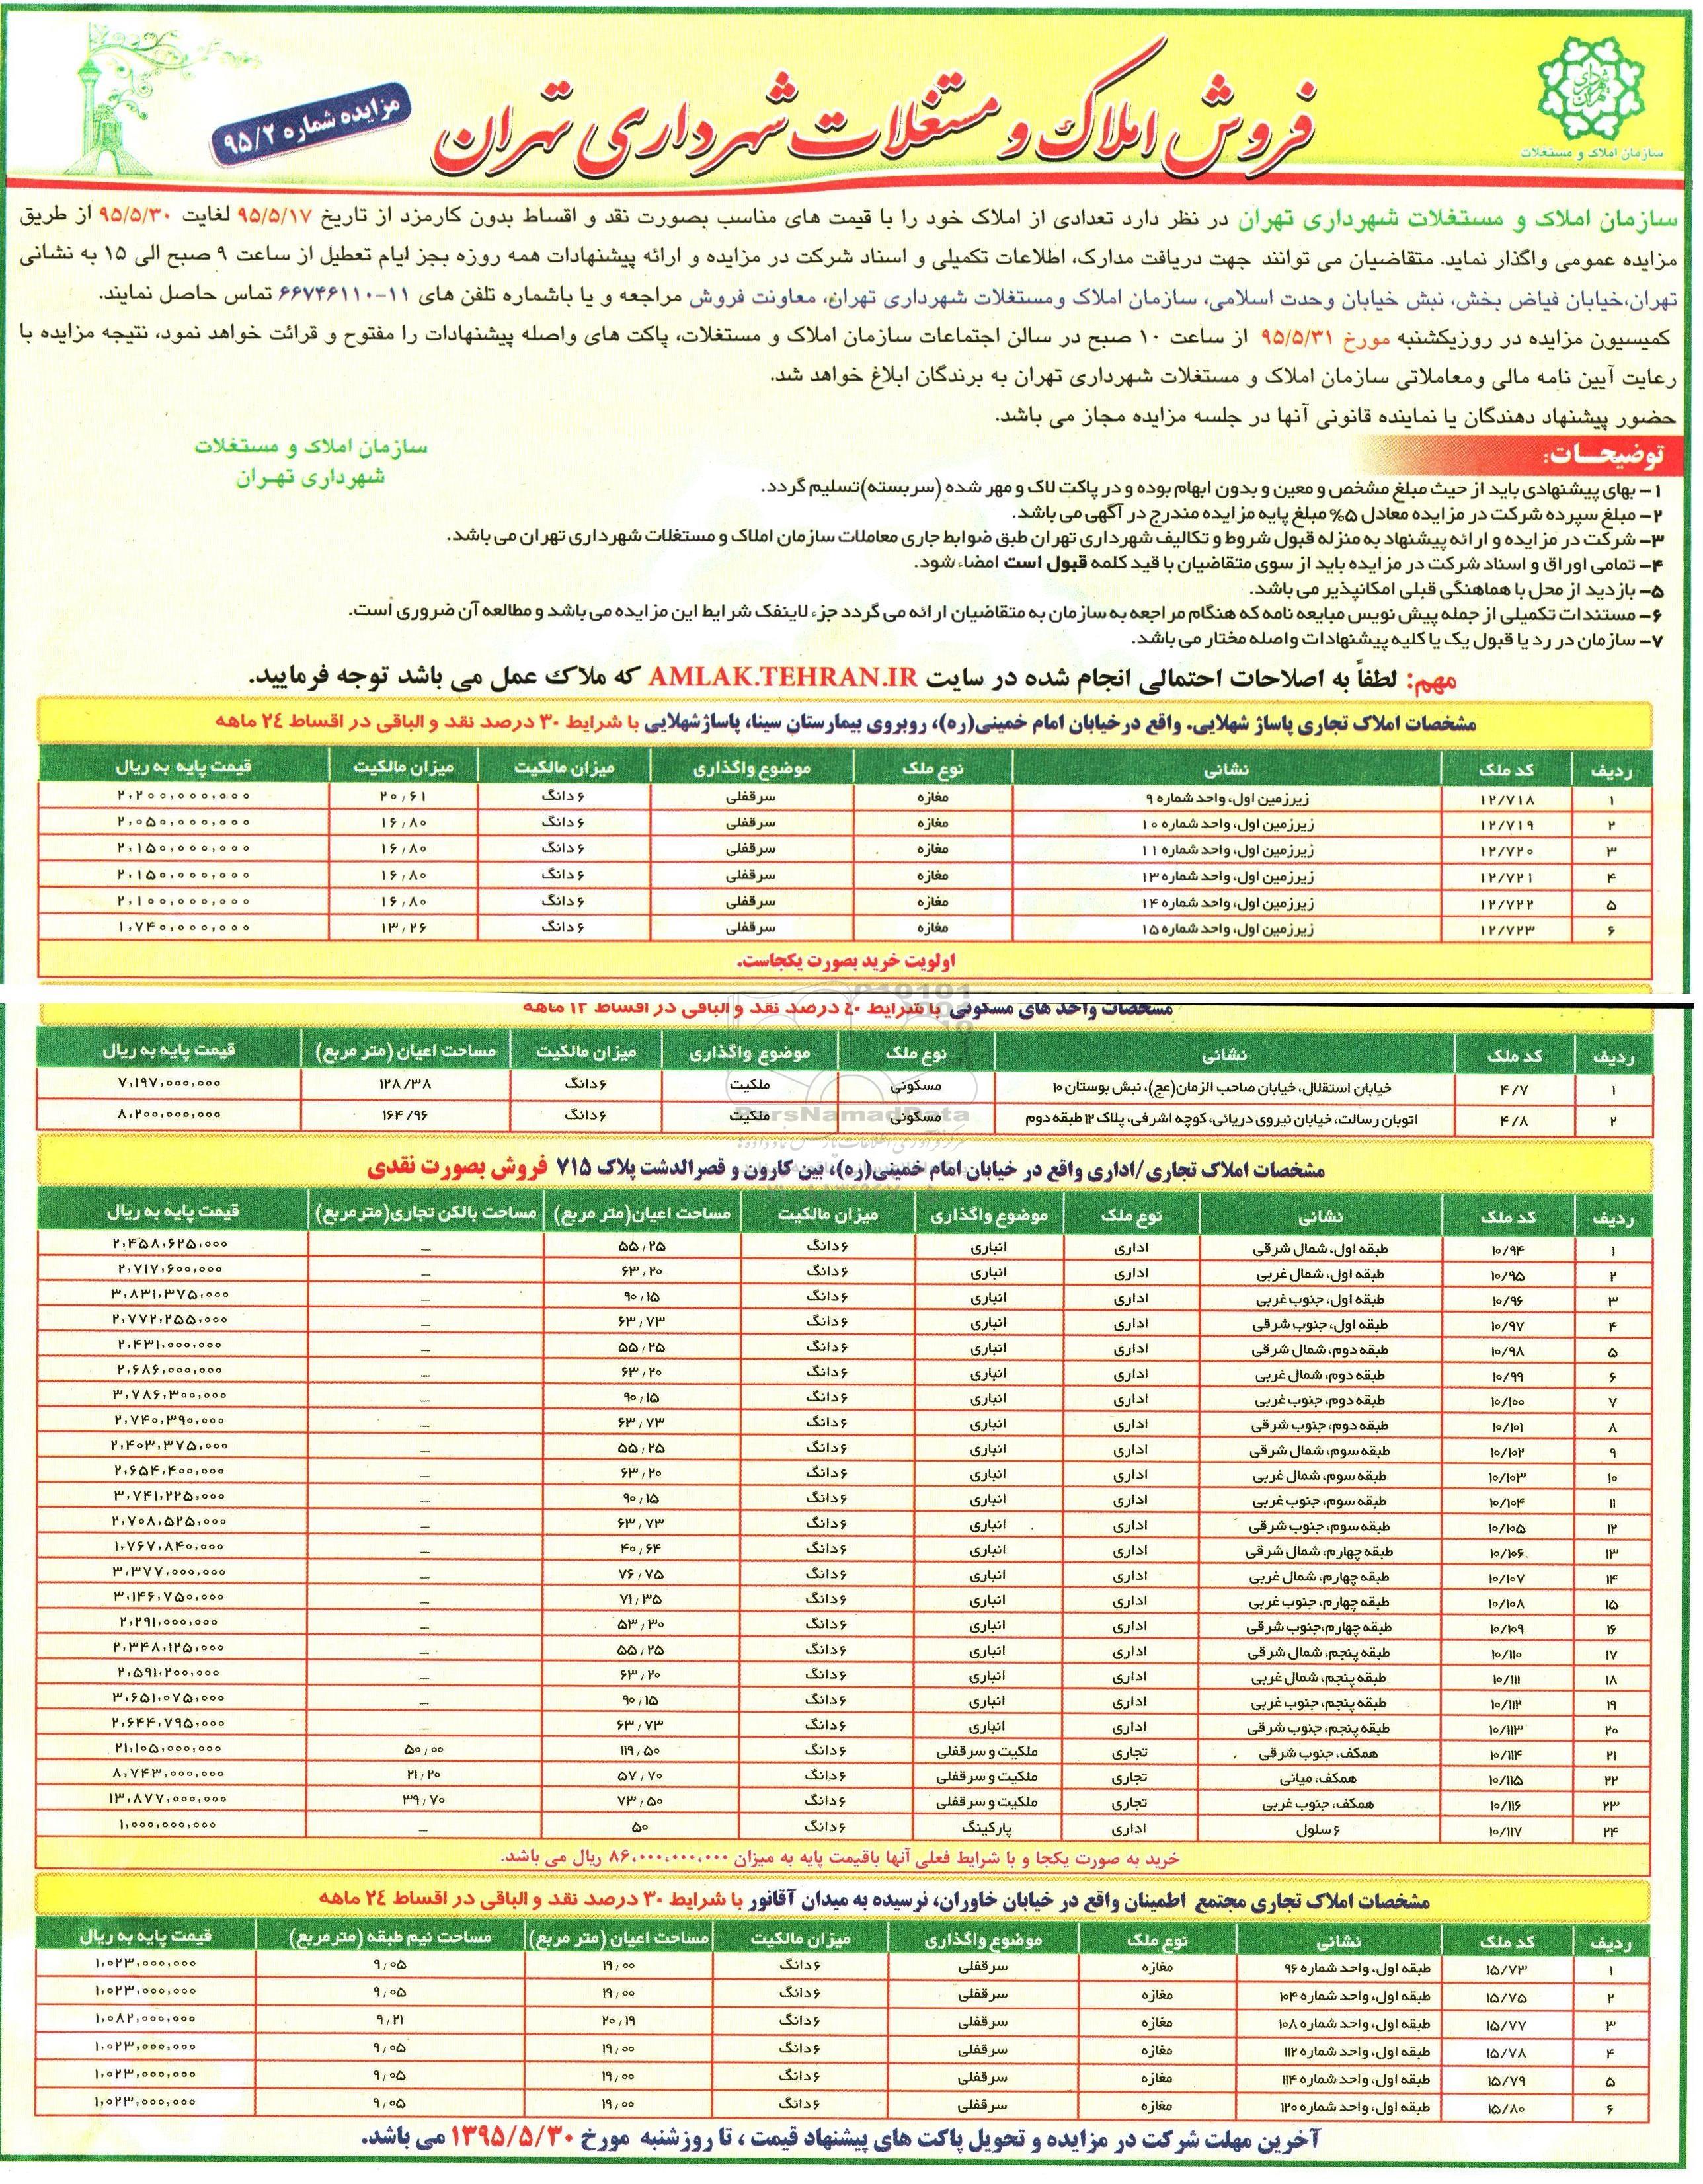 مزایده فروش ملک در تهران